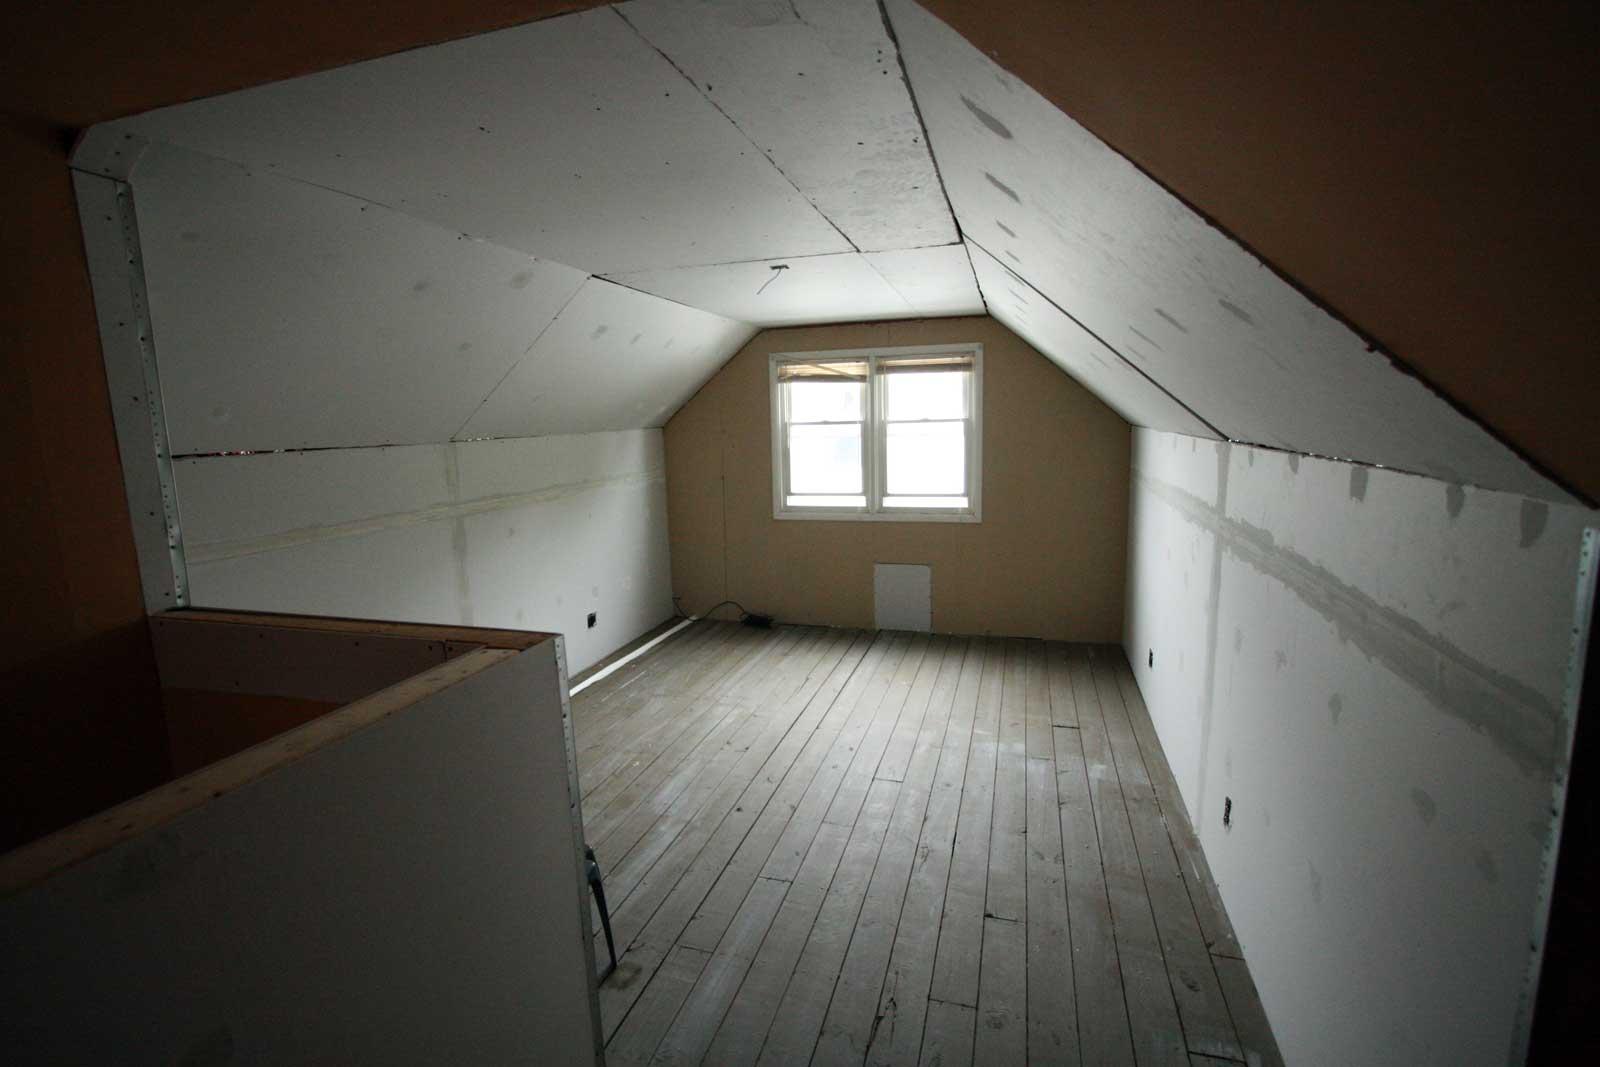 Drywall in attic